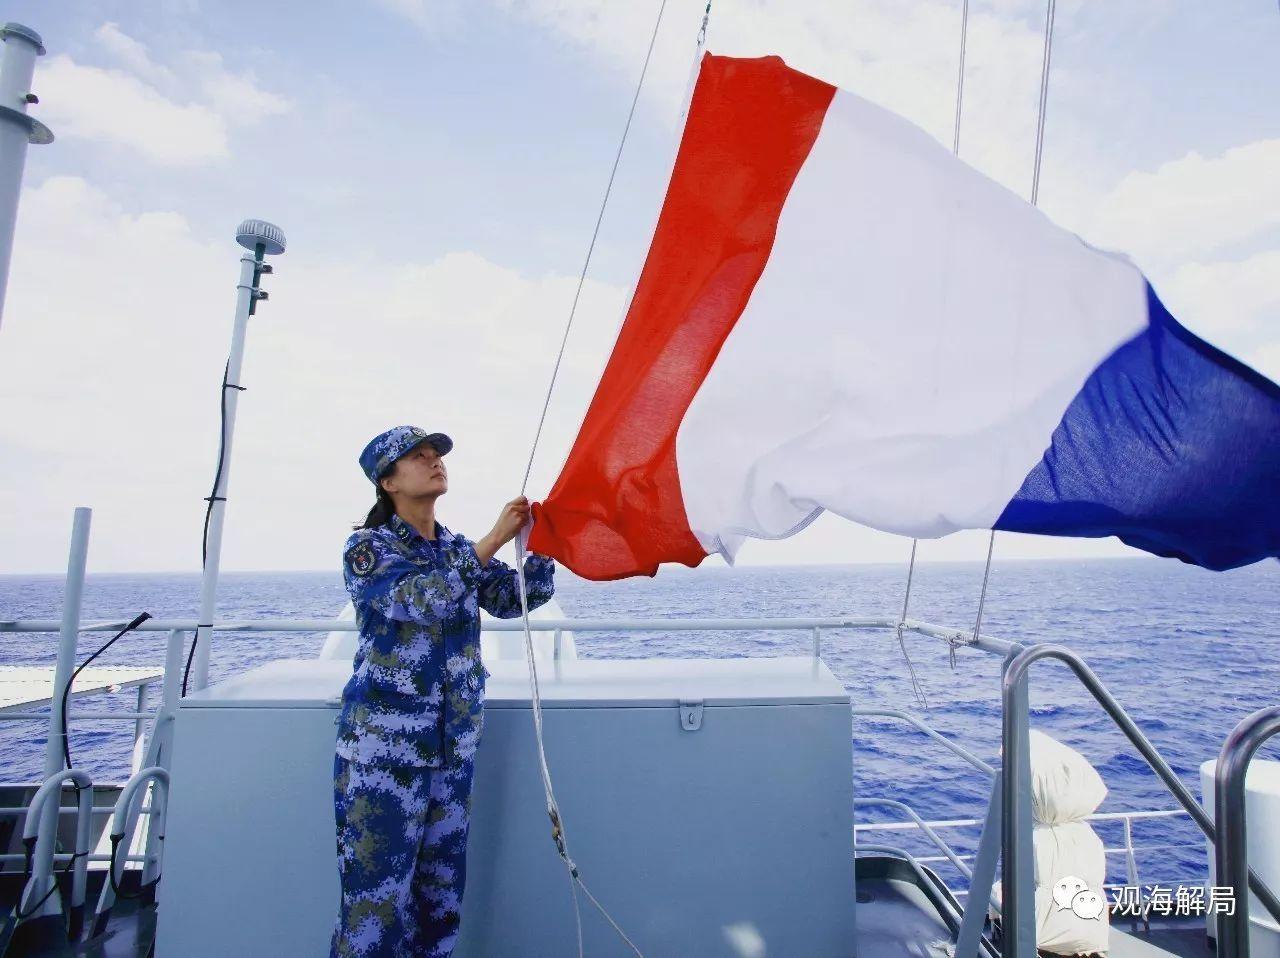 中国军舰上的女兵:亚丁湾掌舵与海盗交锋